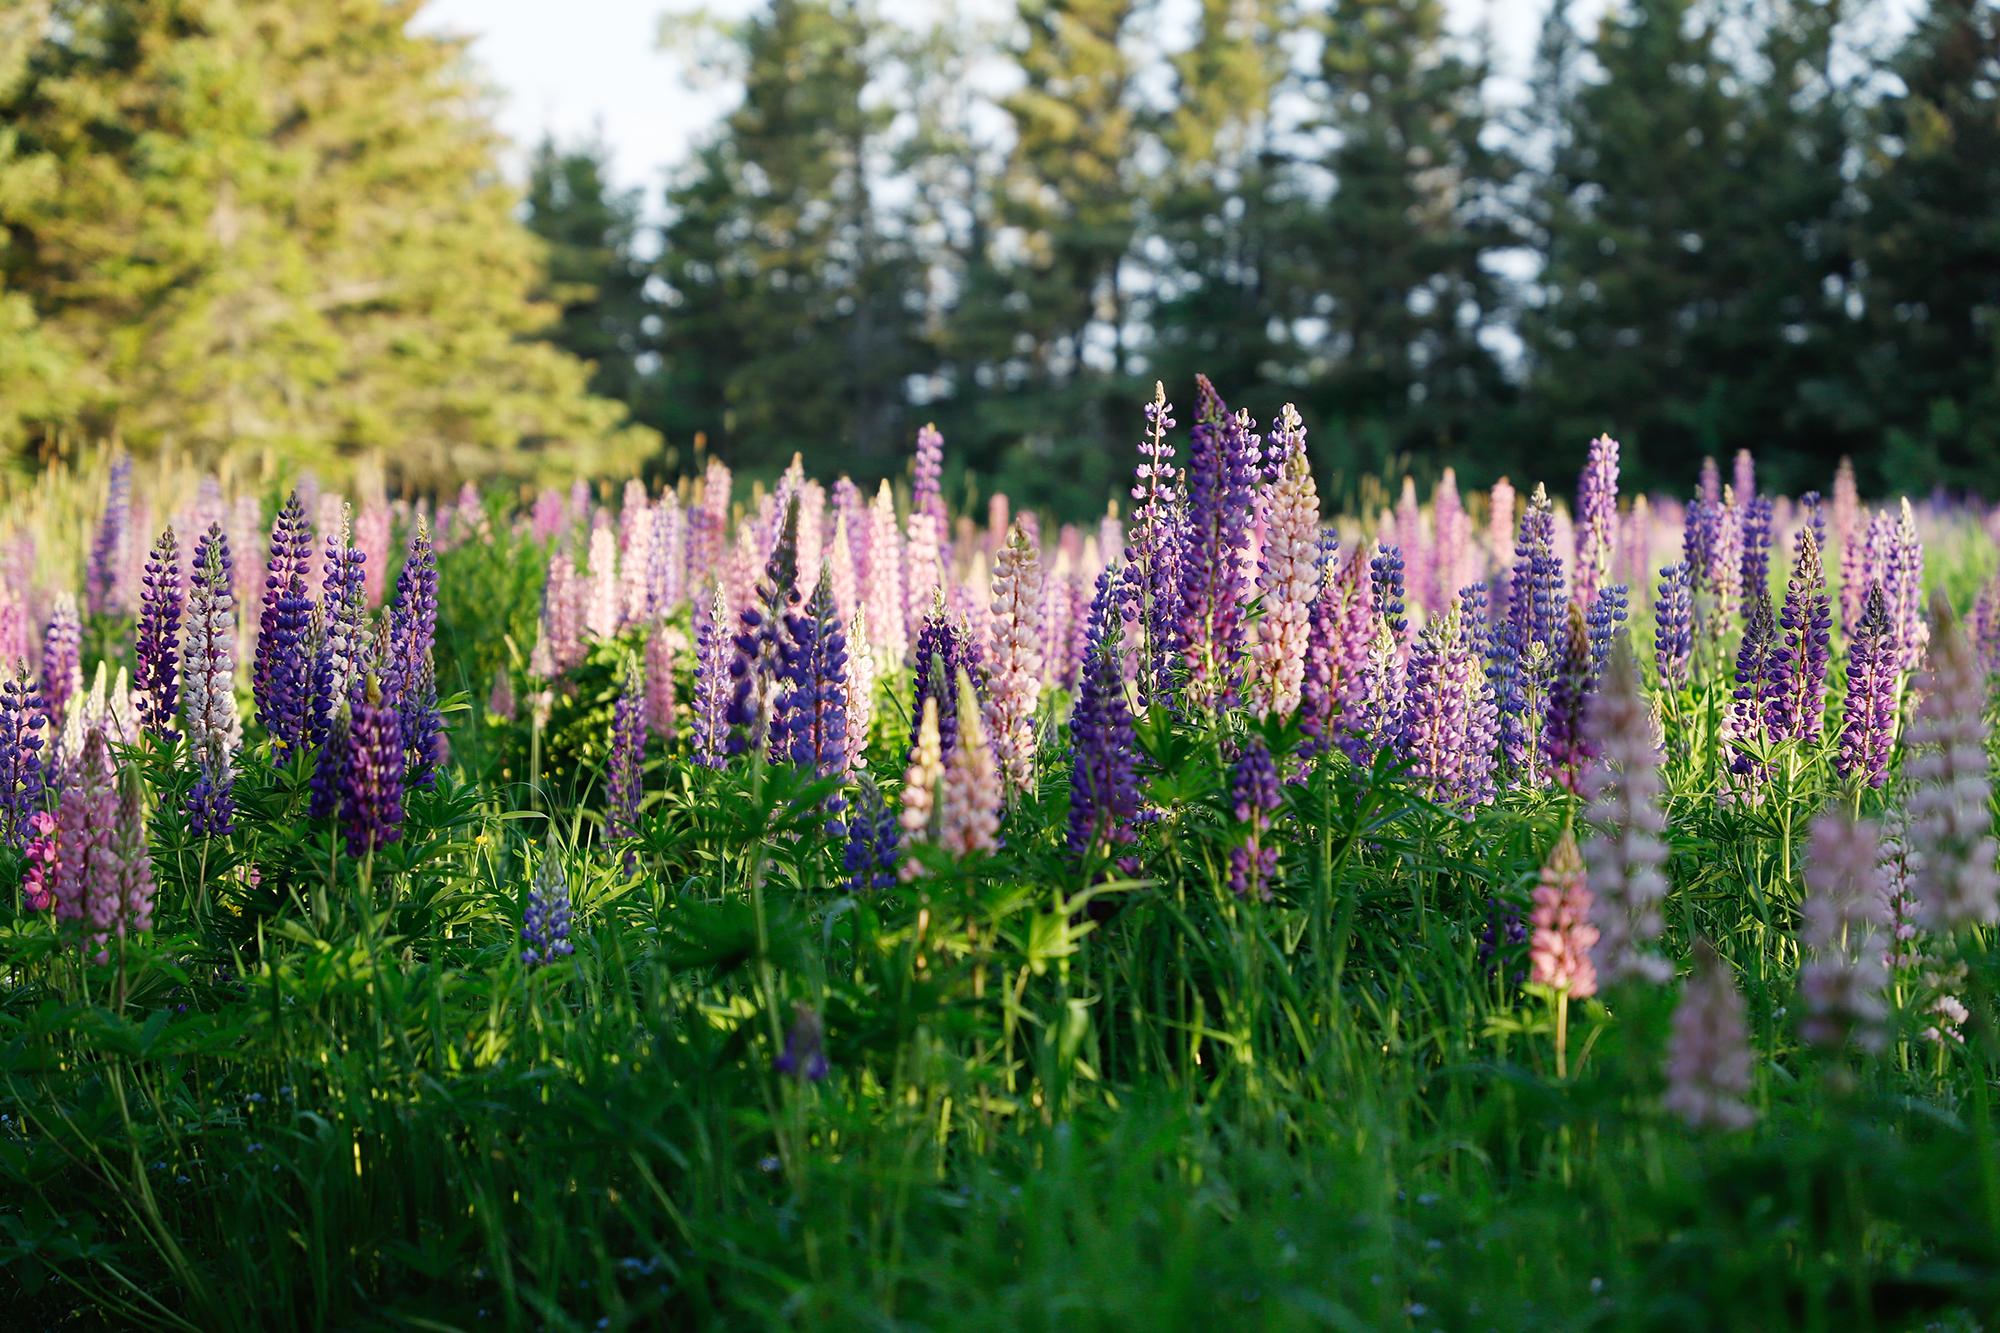 Les Jardins de Métis célèbrent, cette année, la liberté que procure le grand air avec une programmation qui intègre musique, théâtre, danse, littérature, écologie, histoire, conservation et floraison.